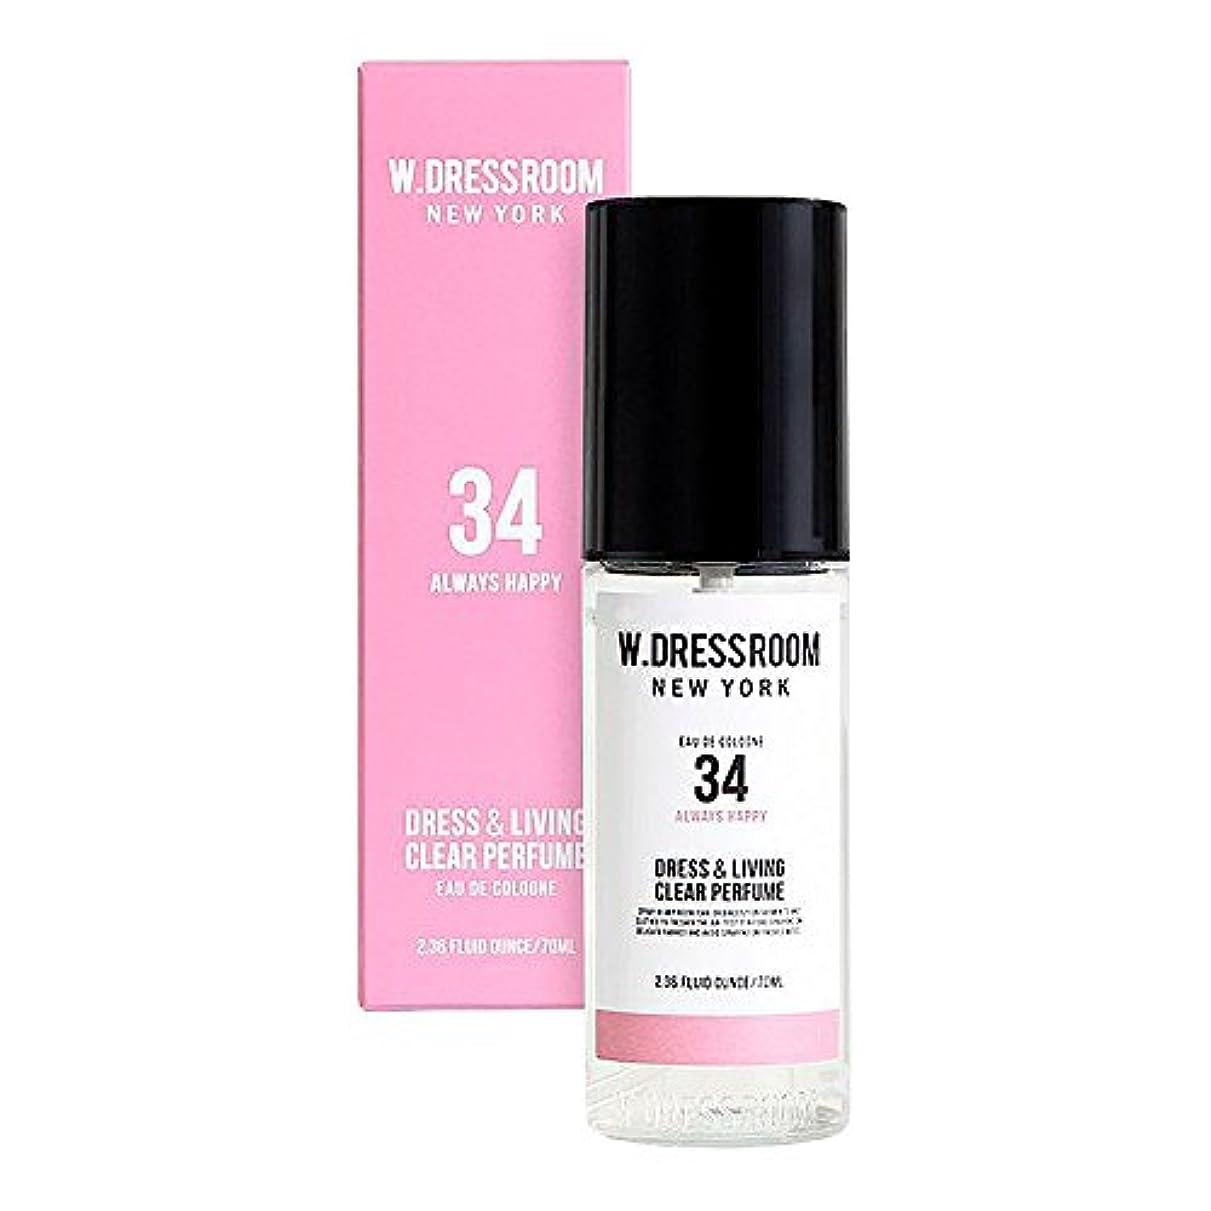 流行アイデアアブストラクトW.DRESSROOM Dress & Living Clear Perfume fragrance 70ml (#No.34 Always Happy)/ダブルドレスルーム ドレス&リビング クリア パフューム 70ml...